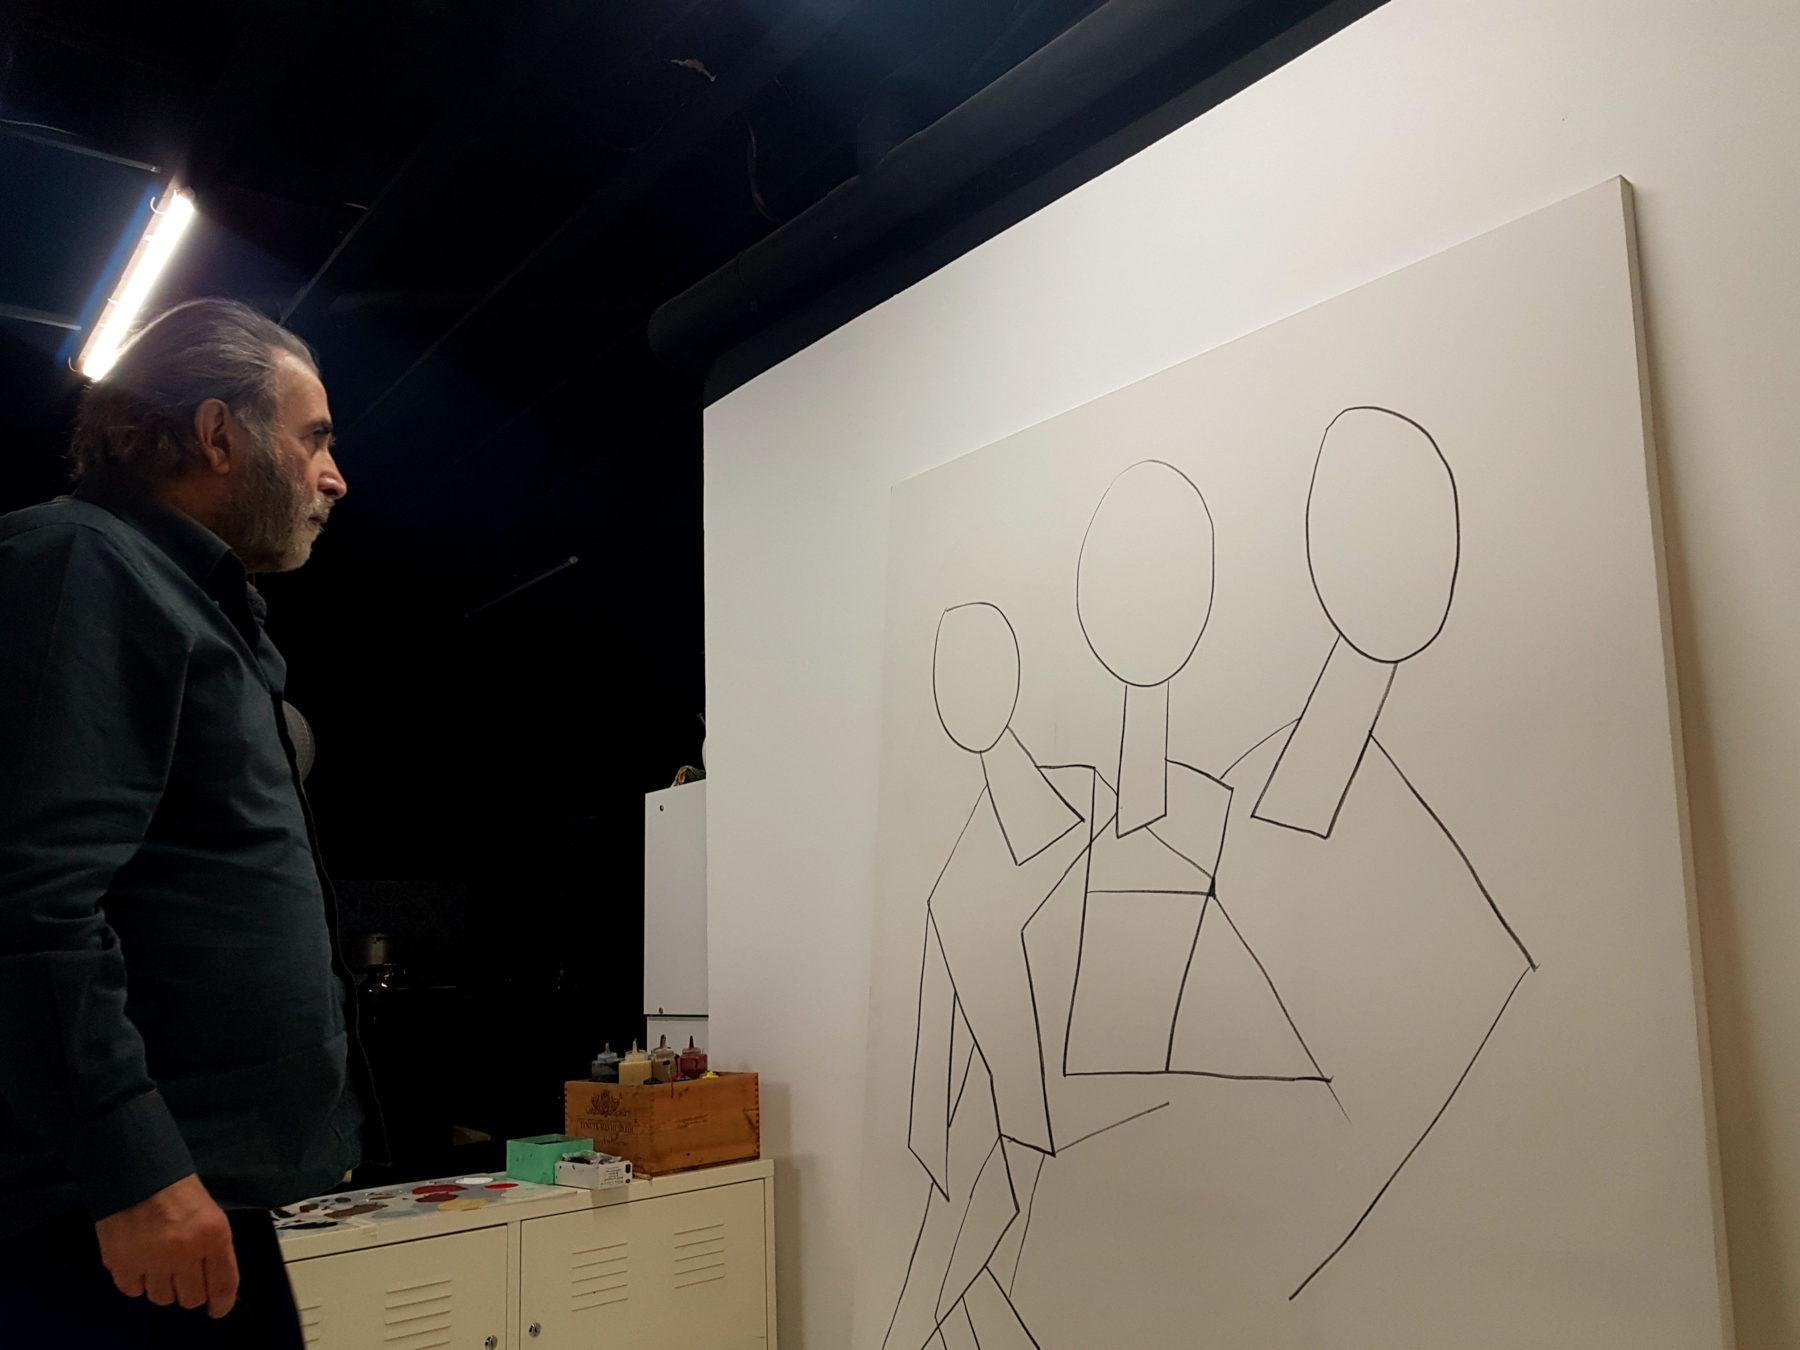 Η πρώτη έκθεση ζωγραφικής του Λάκη Λαζόπουλου, μαζί με τον ζωγράφο Απόστολο Χαντζαρά